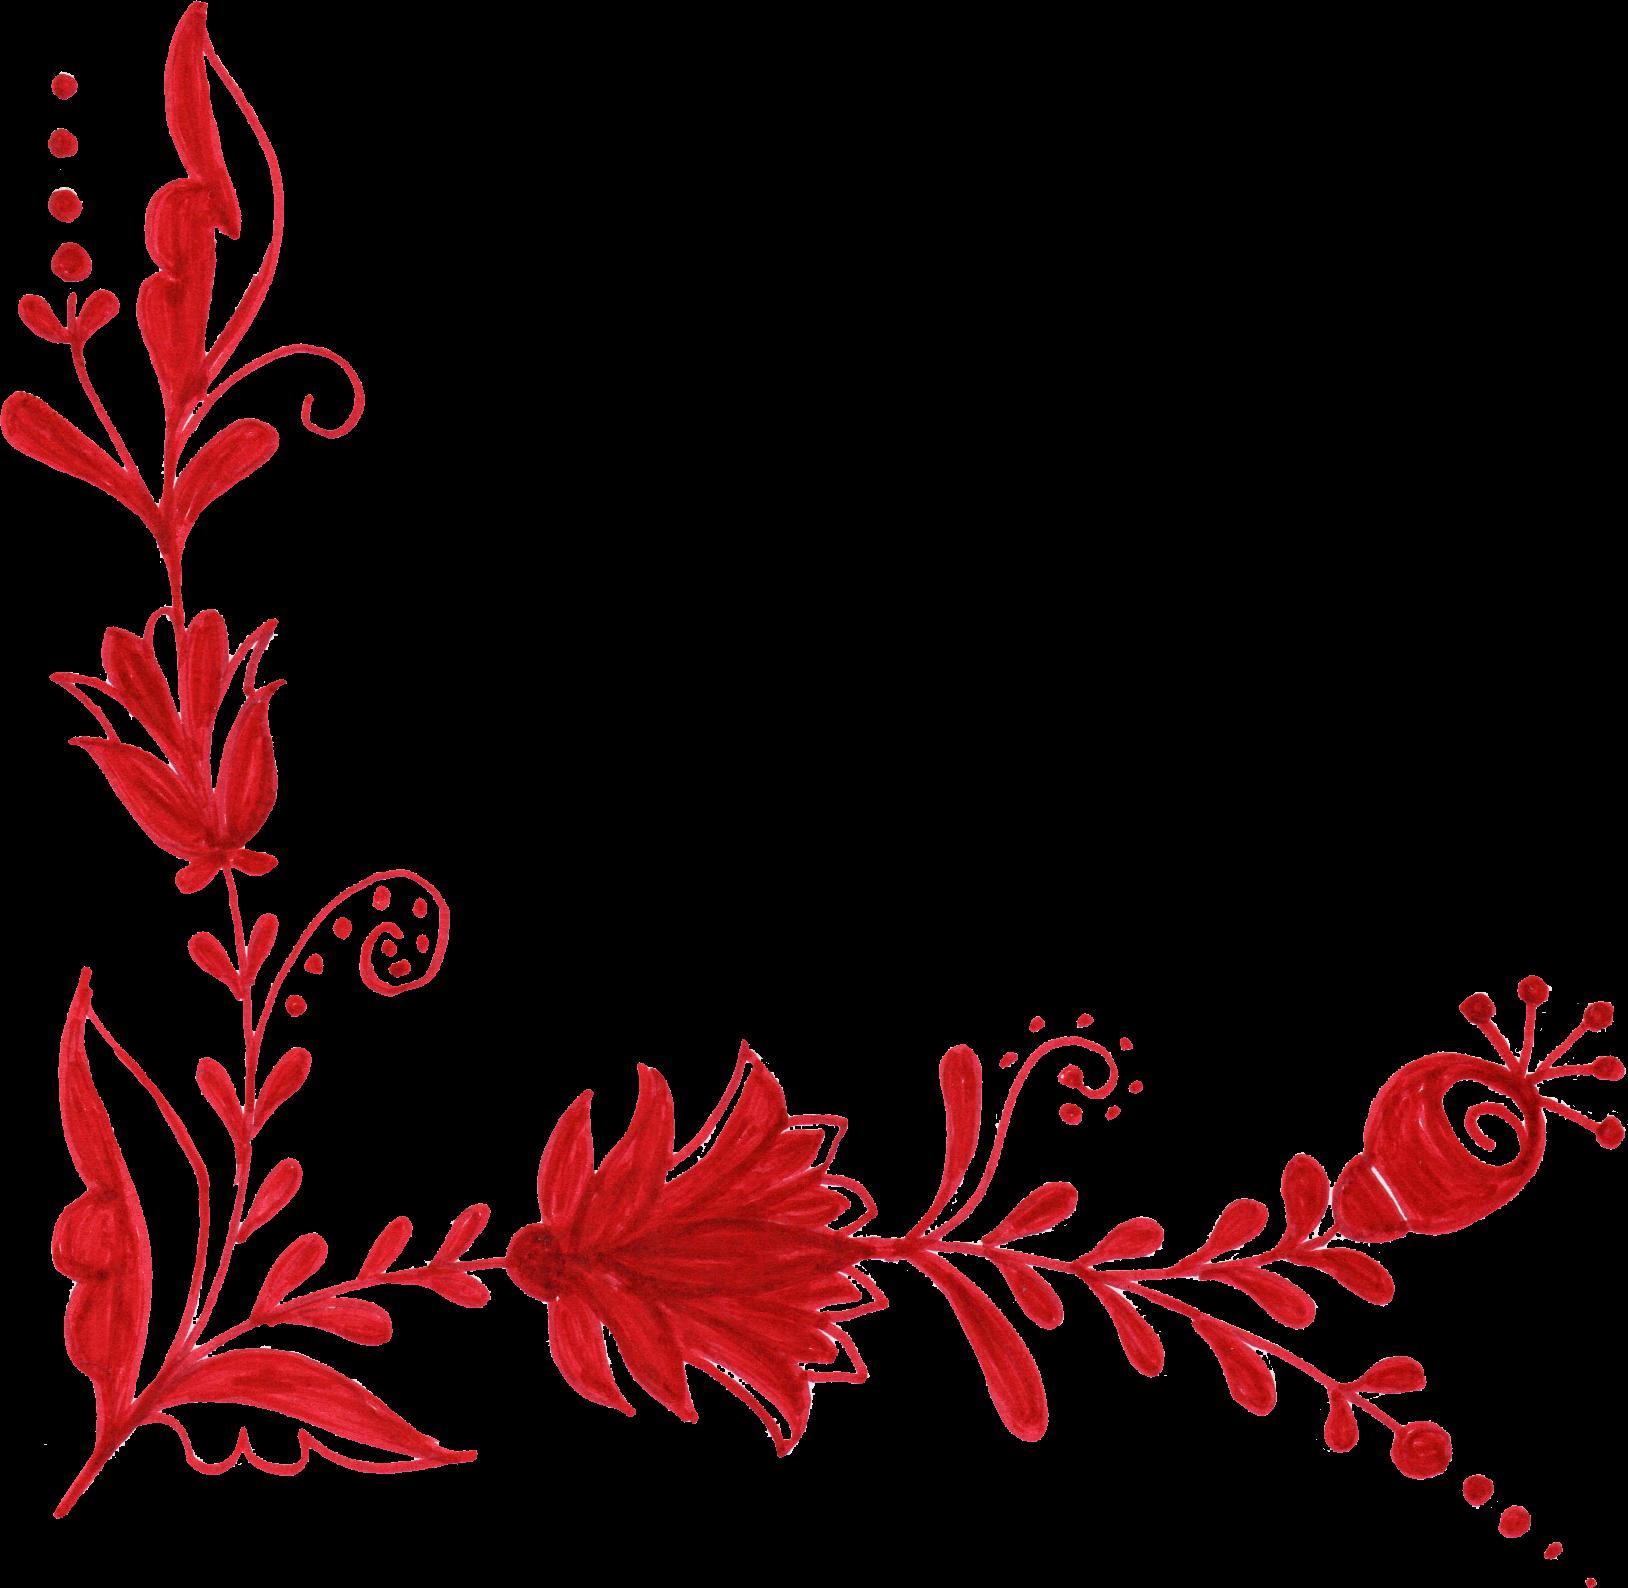 corner ornament transparent. Red flower png